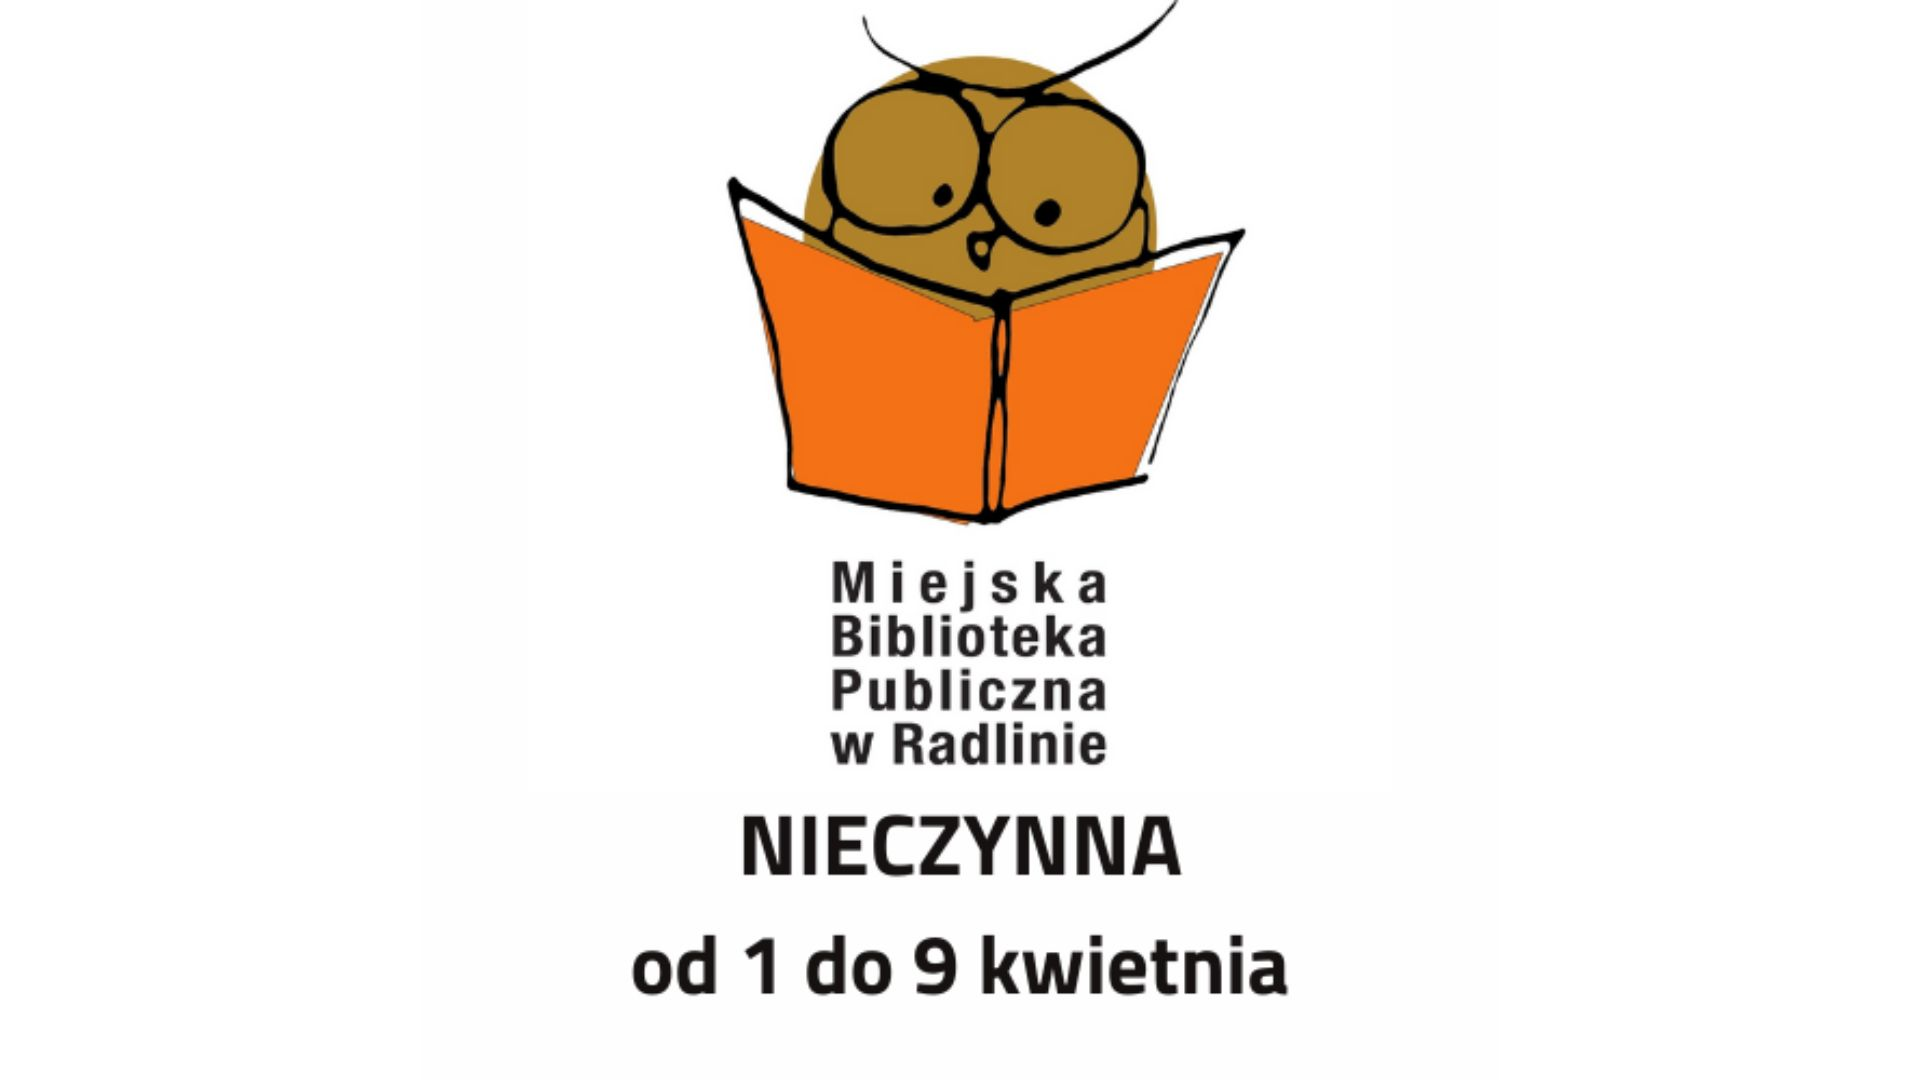 Miejska Biblioteka nieczynna od 1 do 9 kwietnia